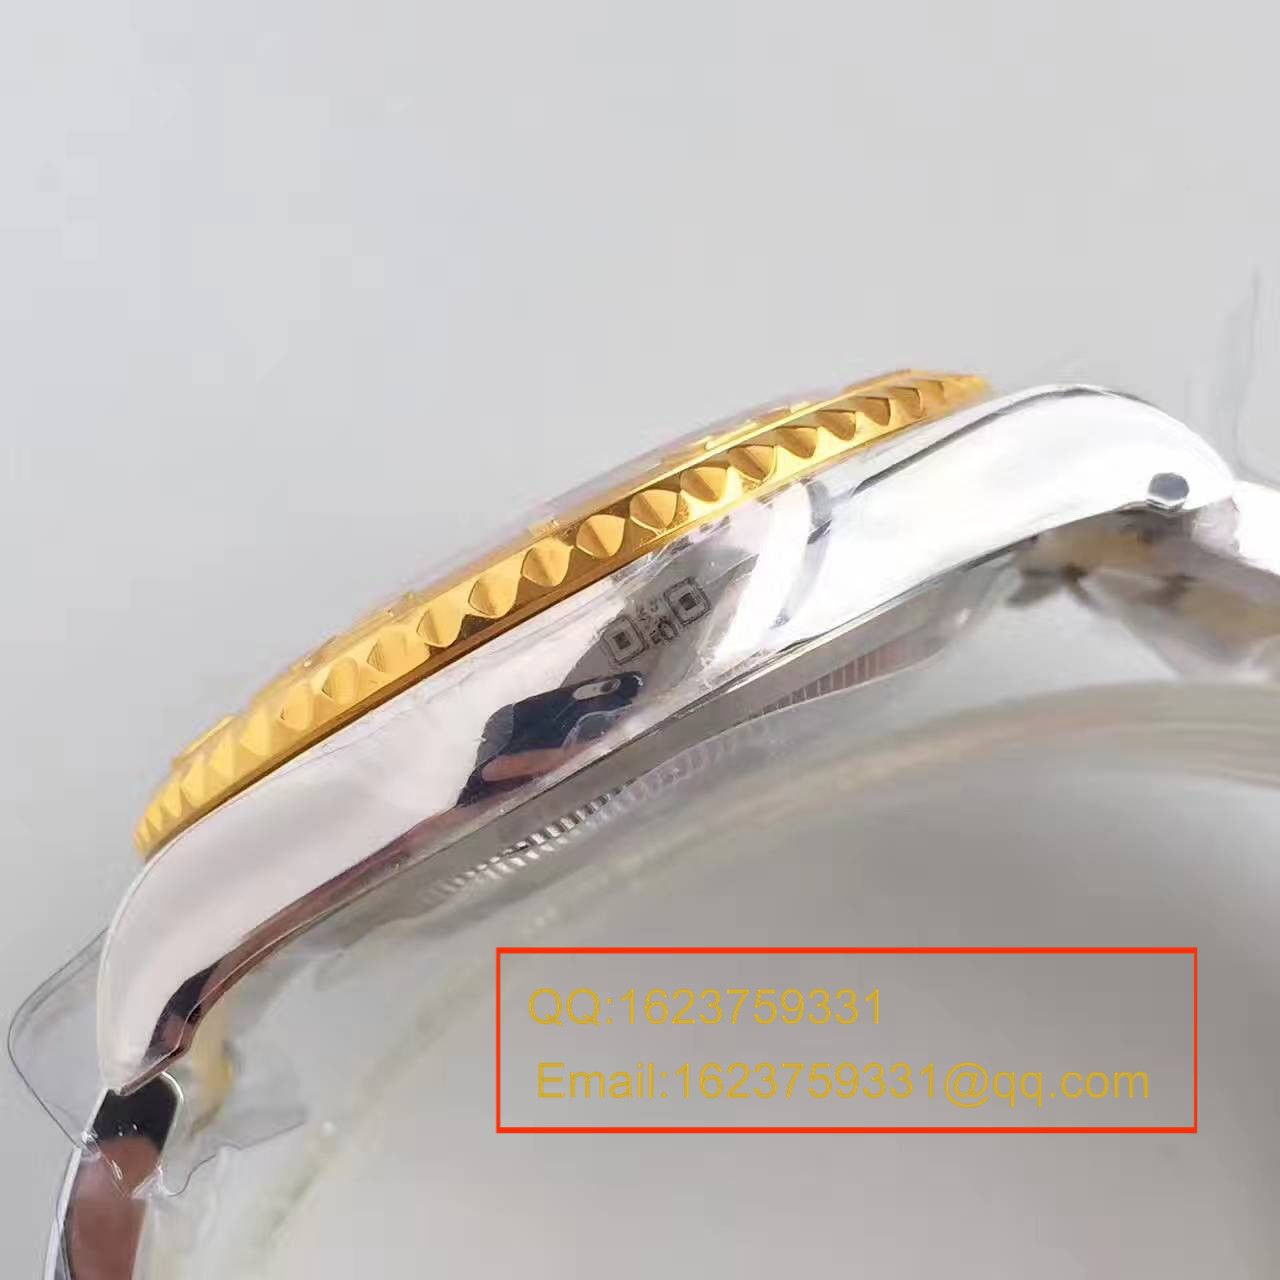 【JF厂顶级复刻手表】劳力士游艇名仕型系列16623蓝盘男士机械腕表 / R038